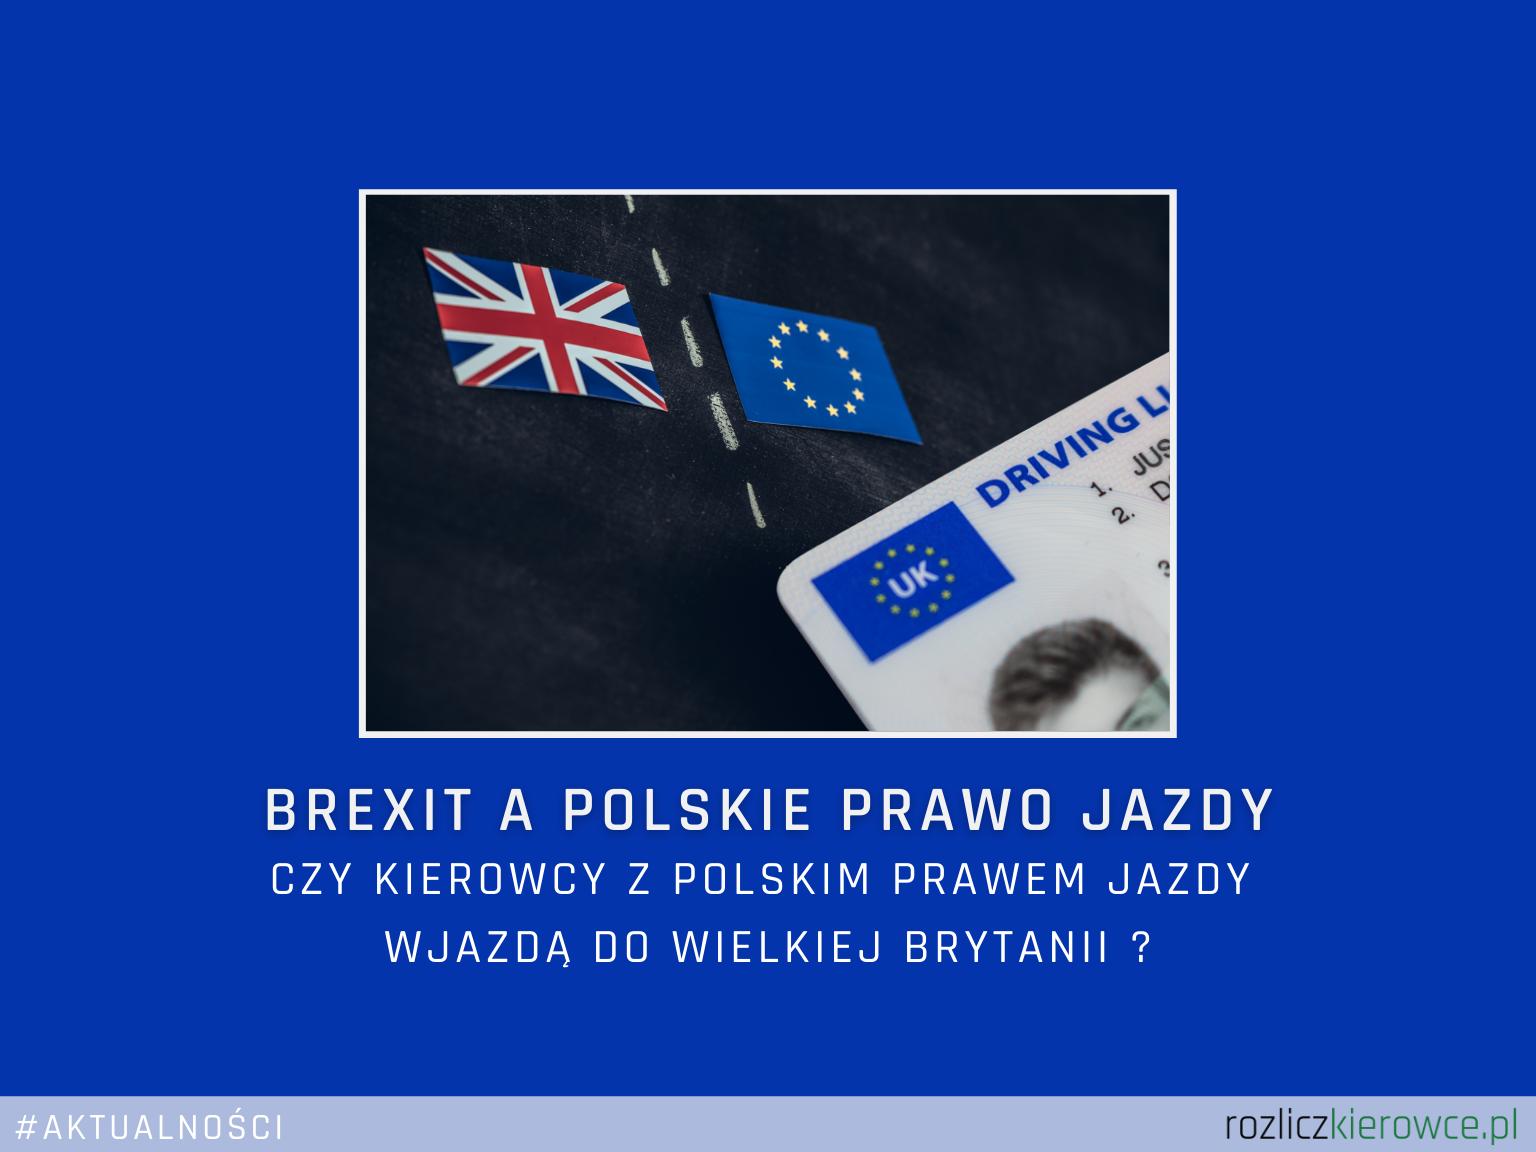 BREXIT a Polskie prawo jazdy